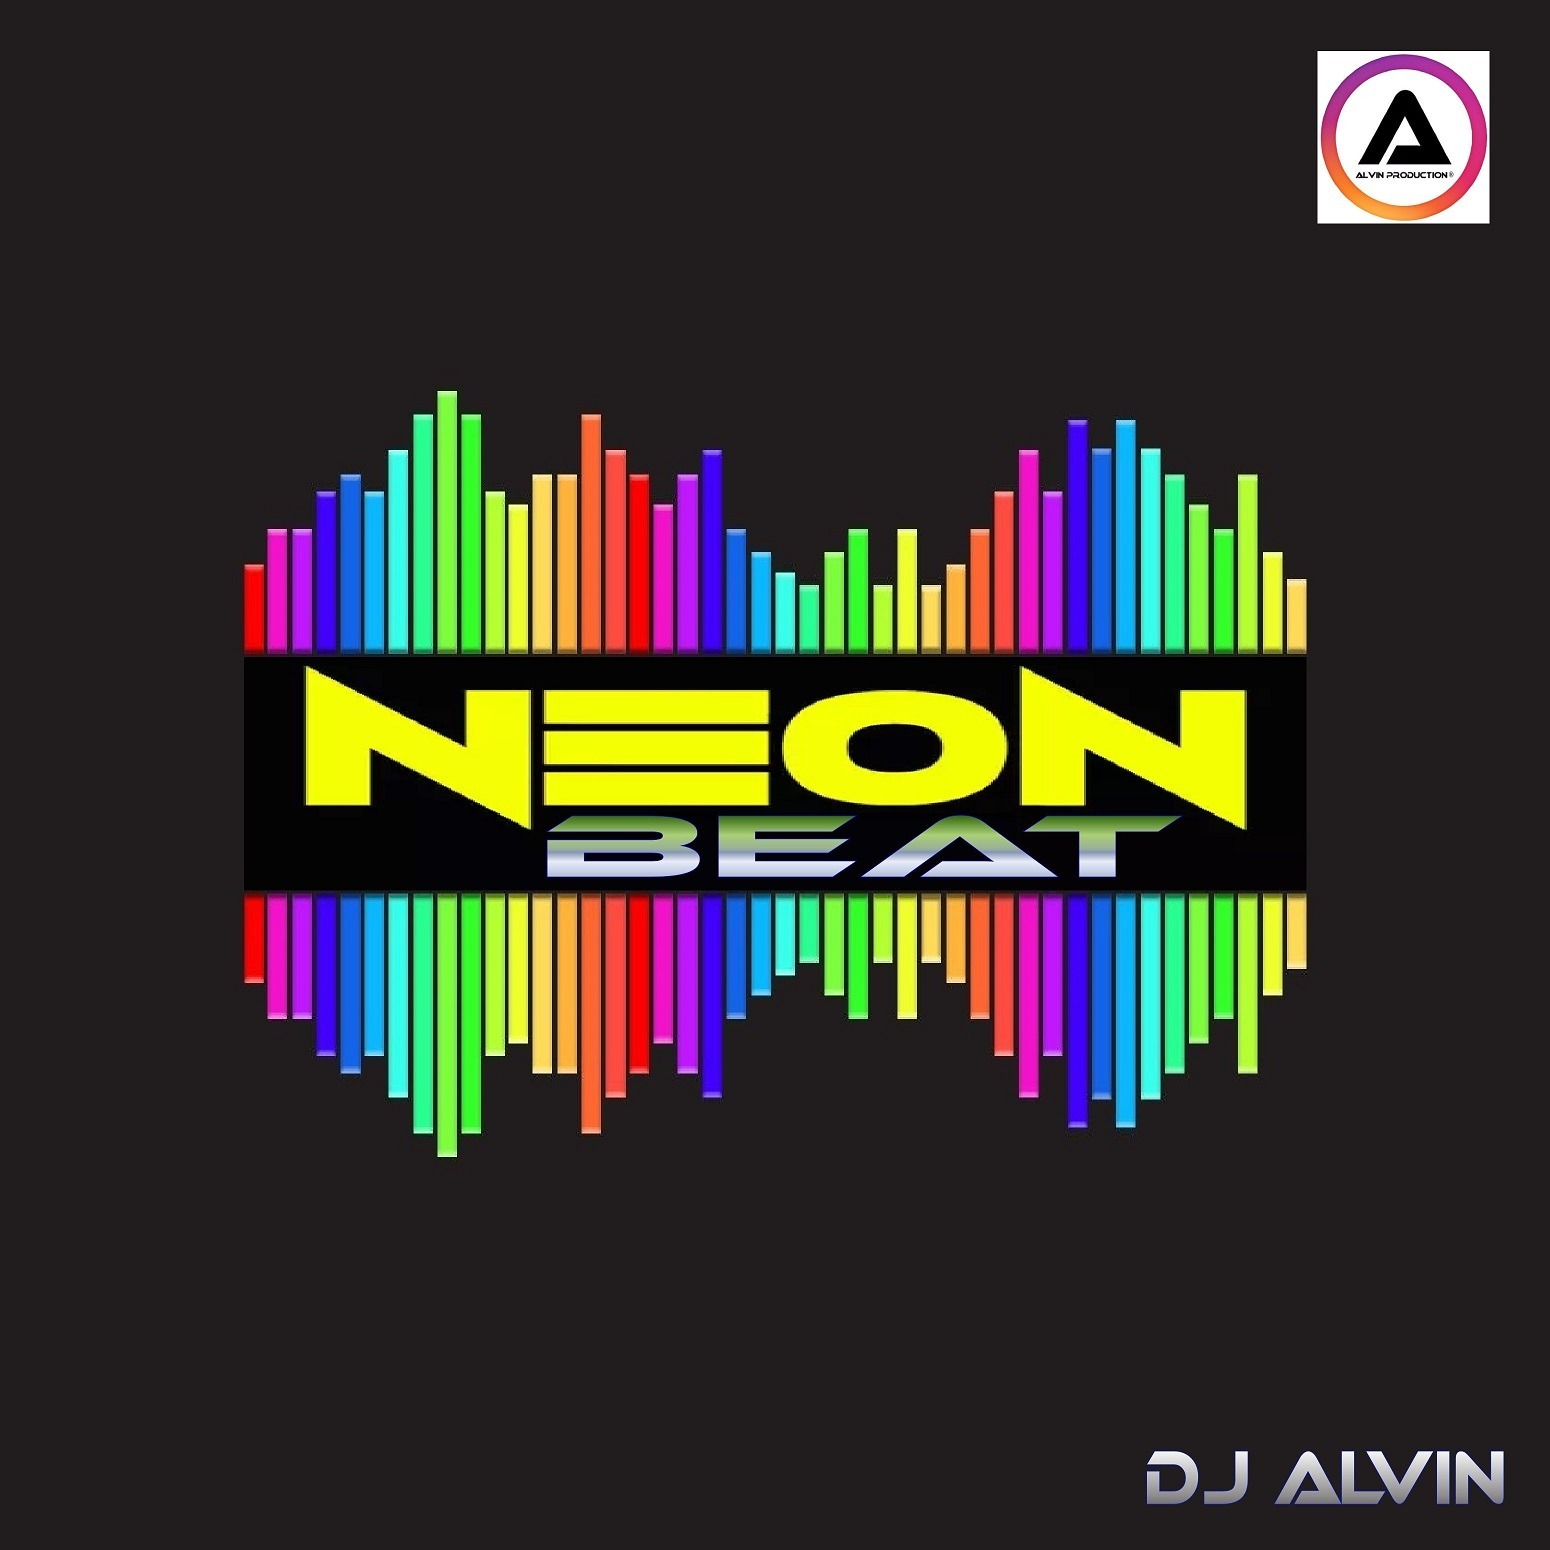 DJ Alvin - Neon Beat